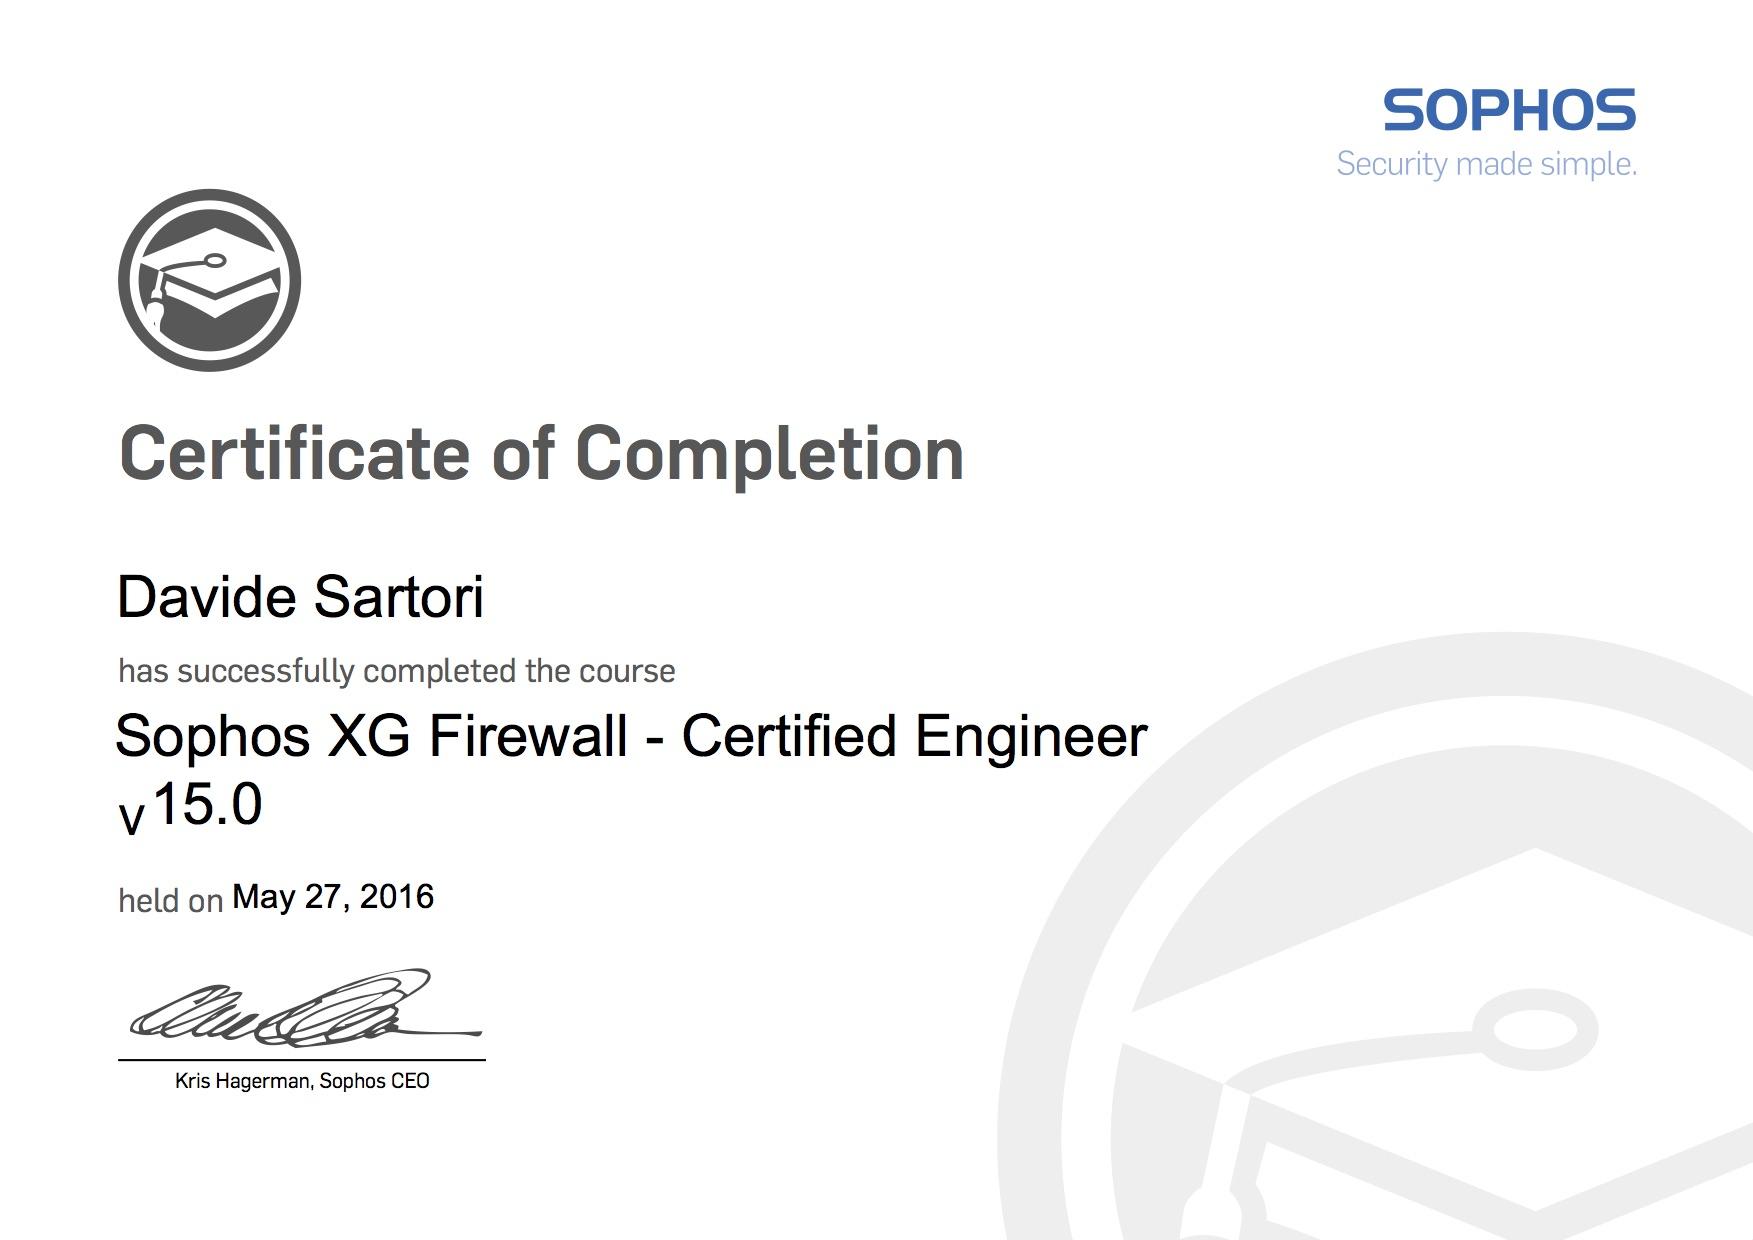 Sophos XG Firewall Certified Engineer